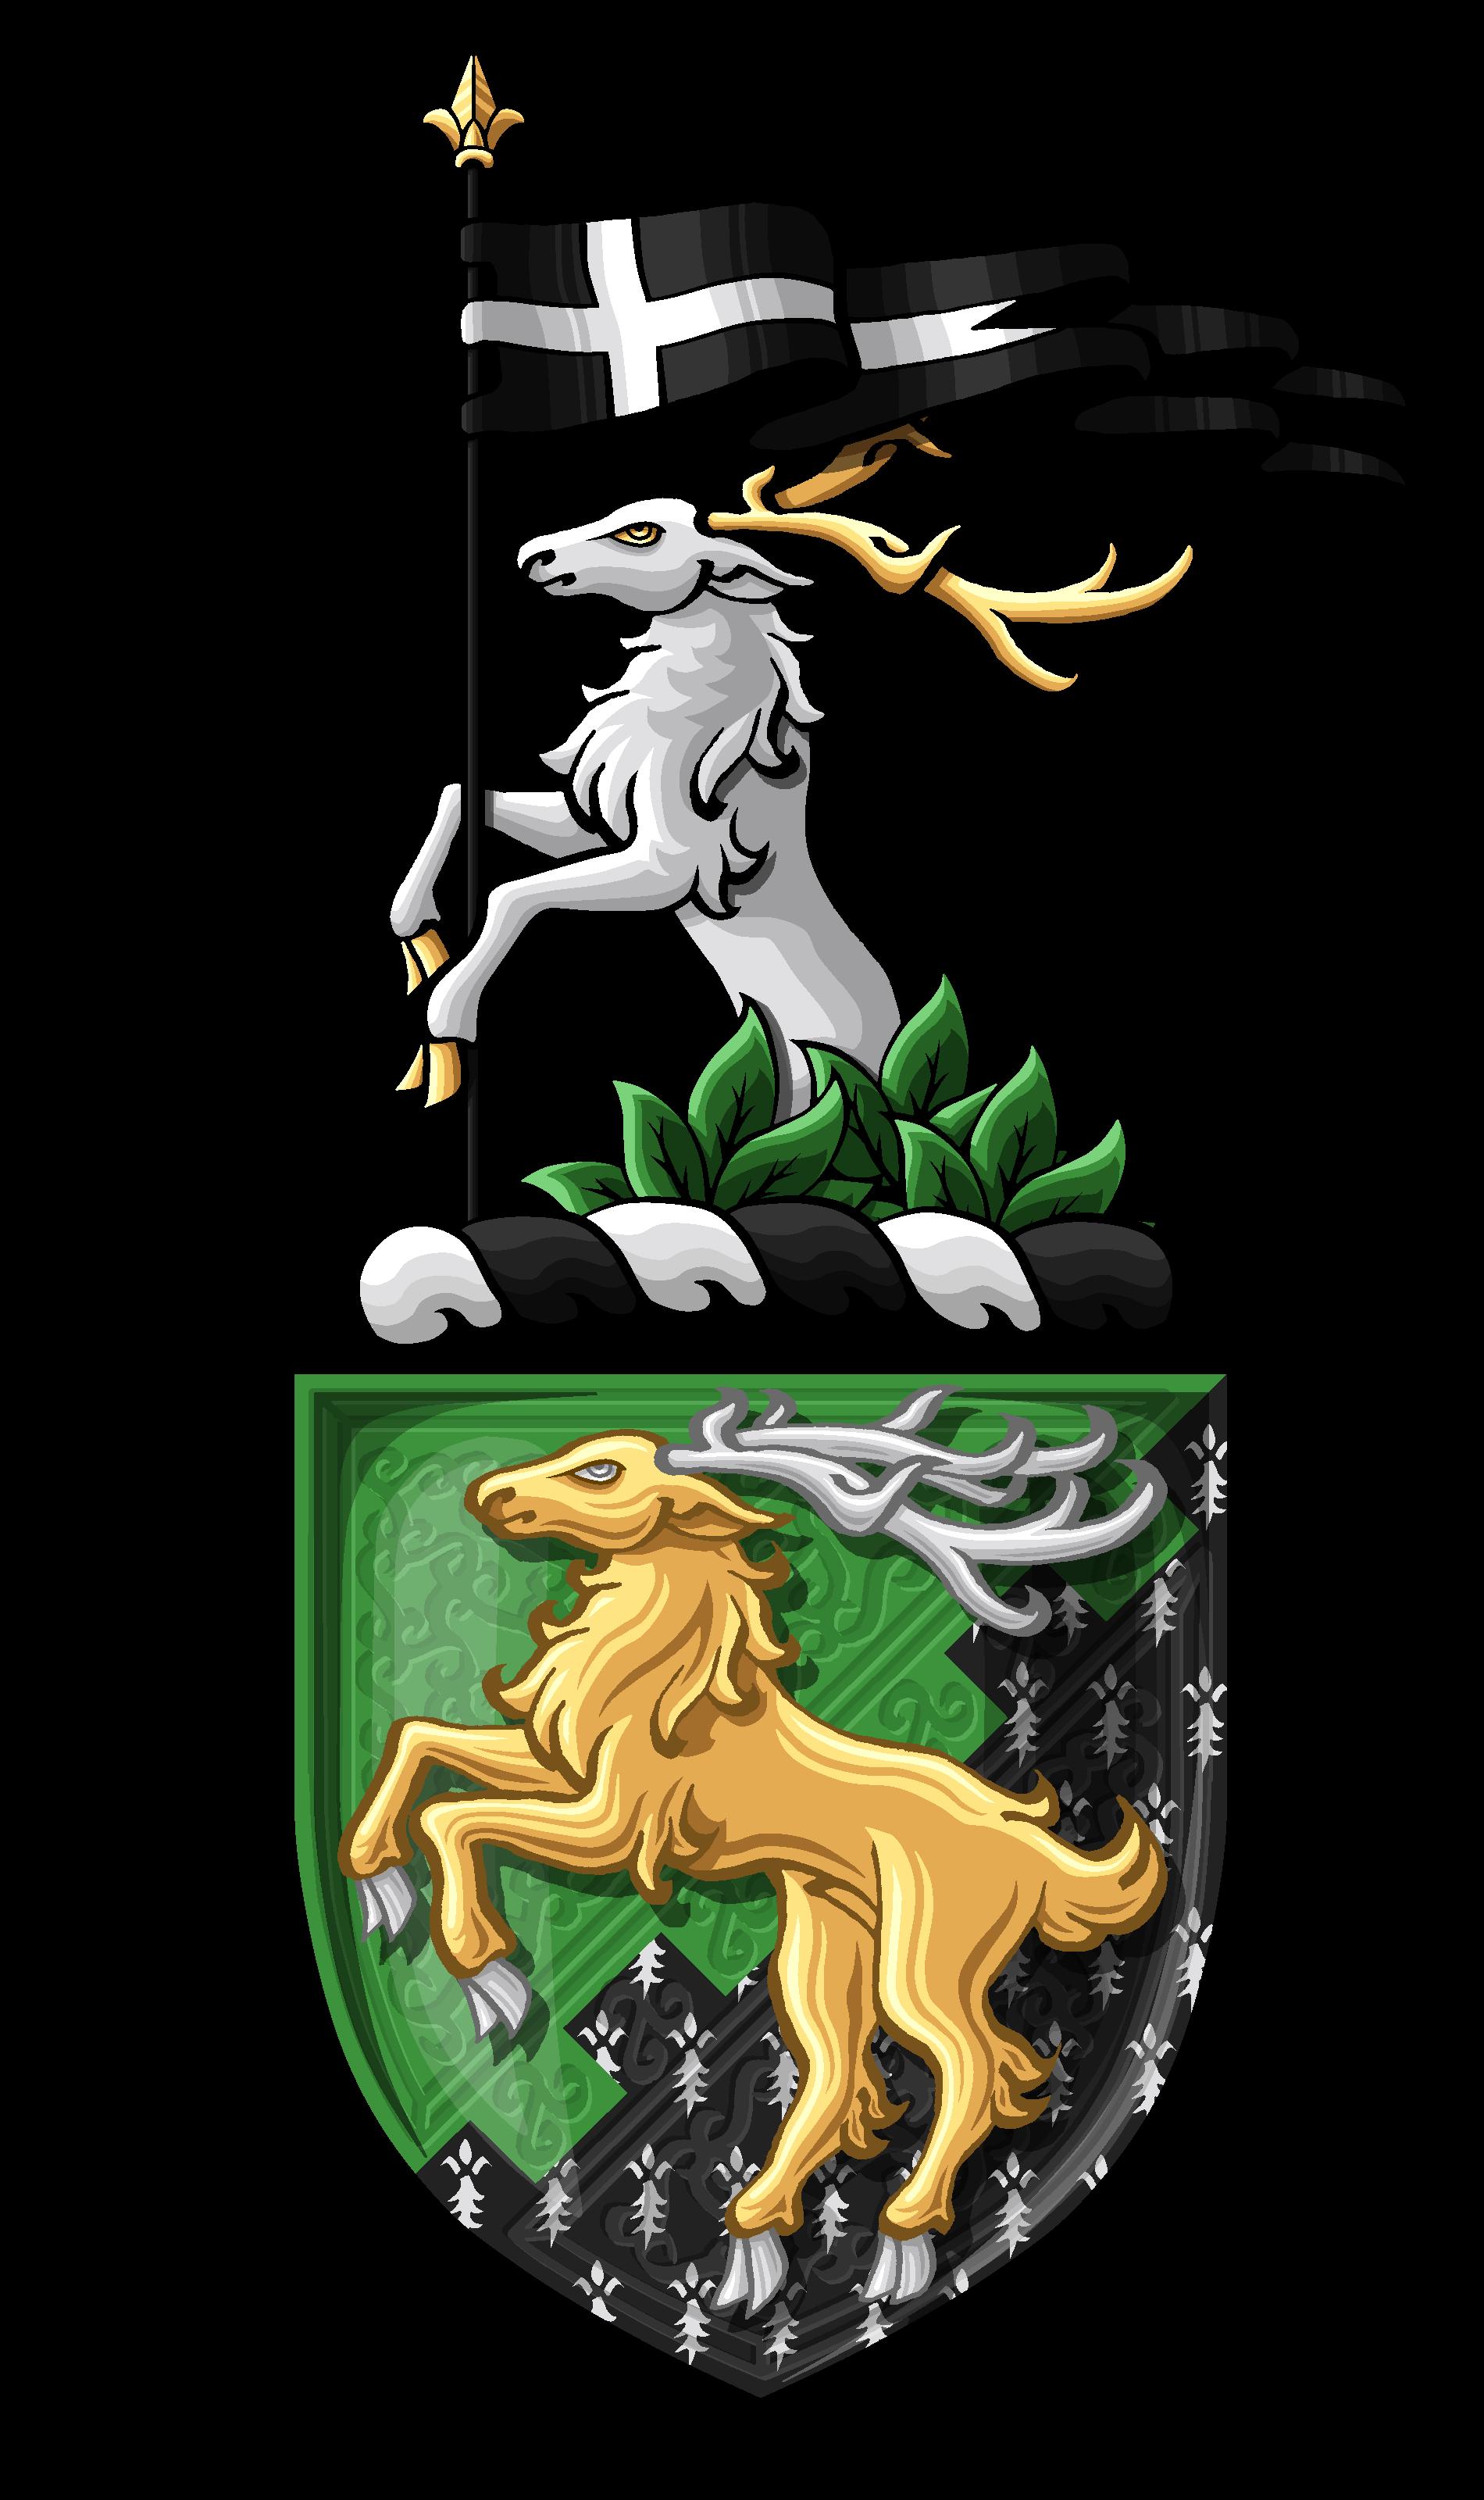 Jacques' Shield & Crest